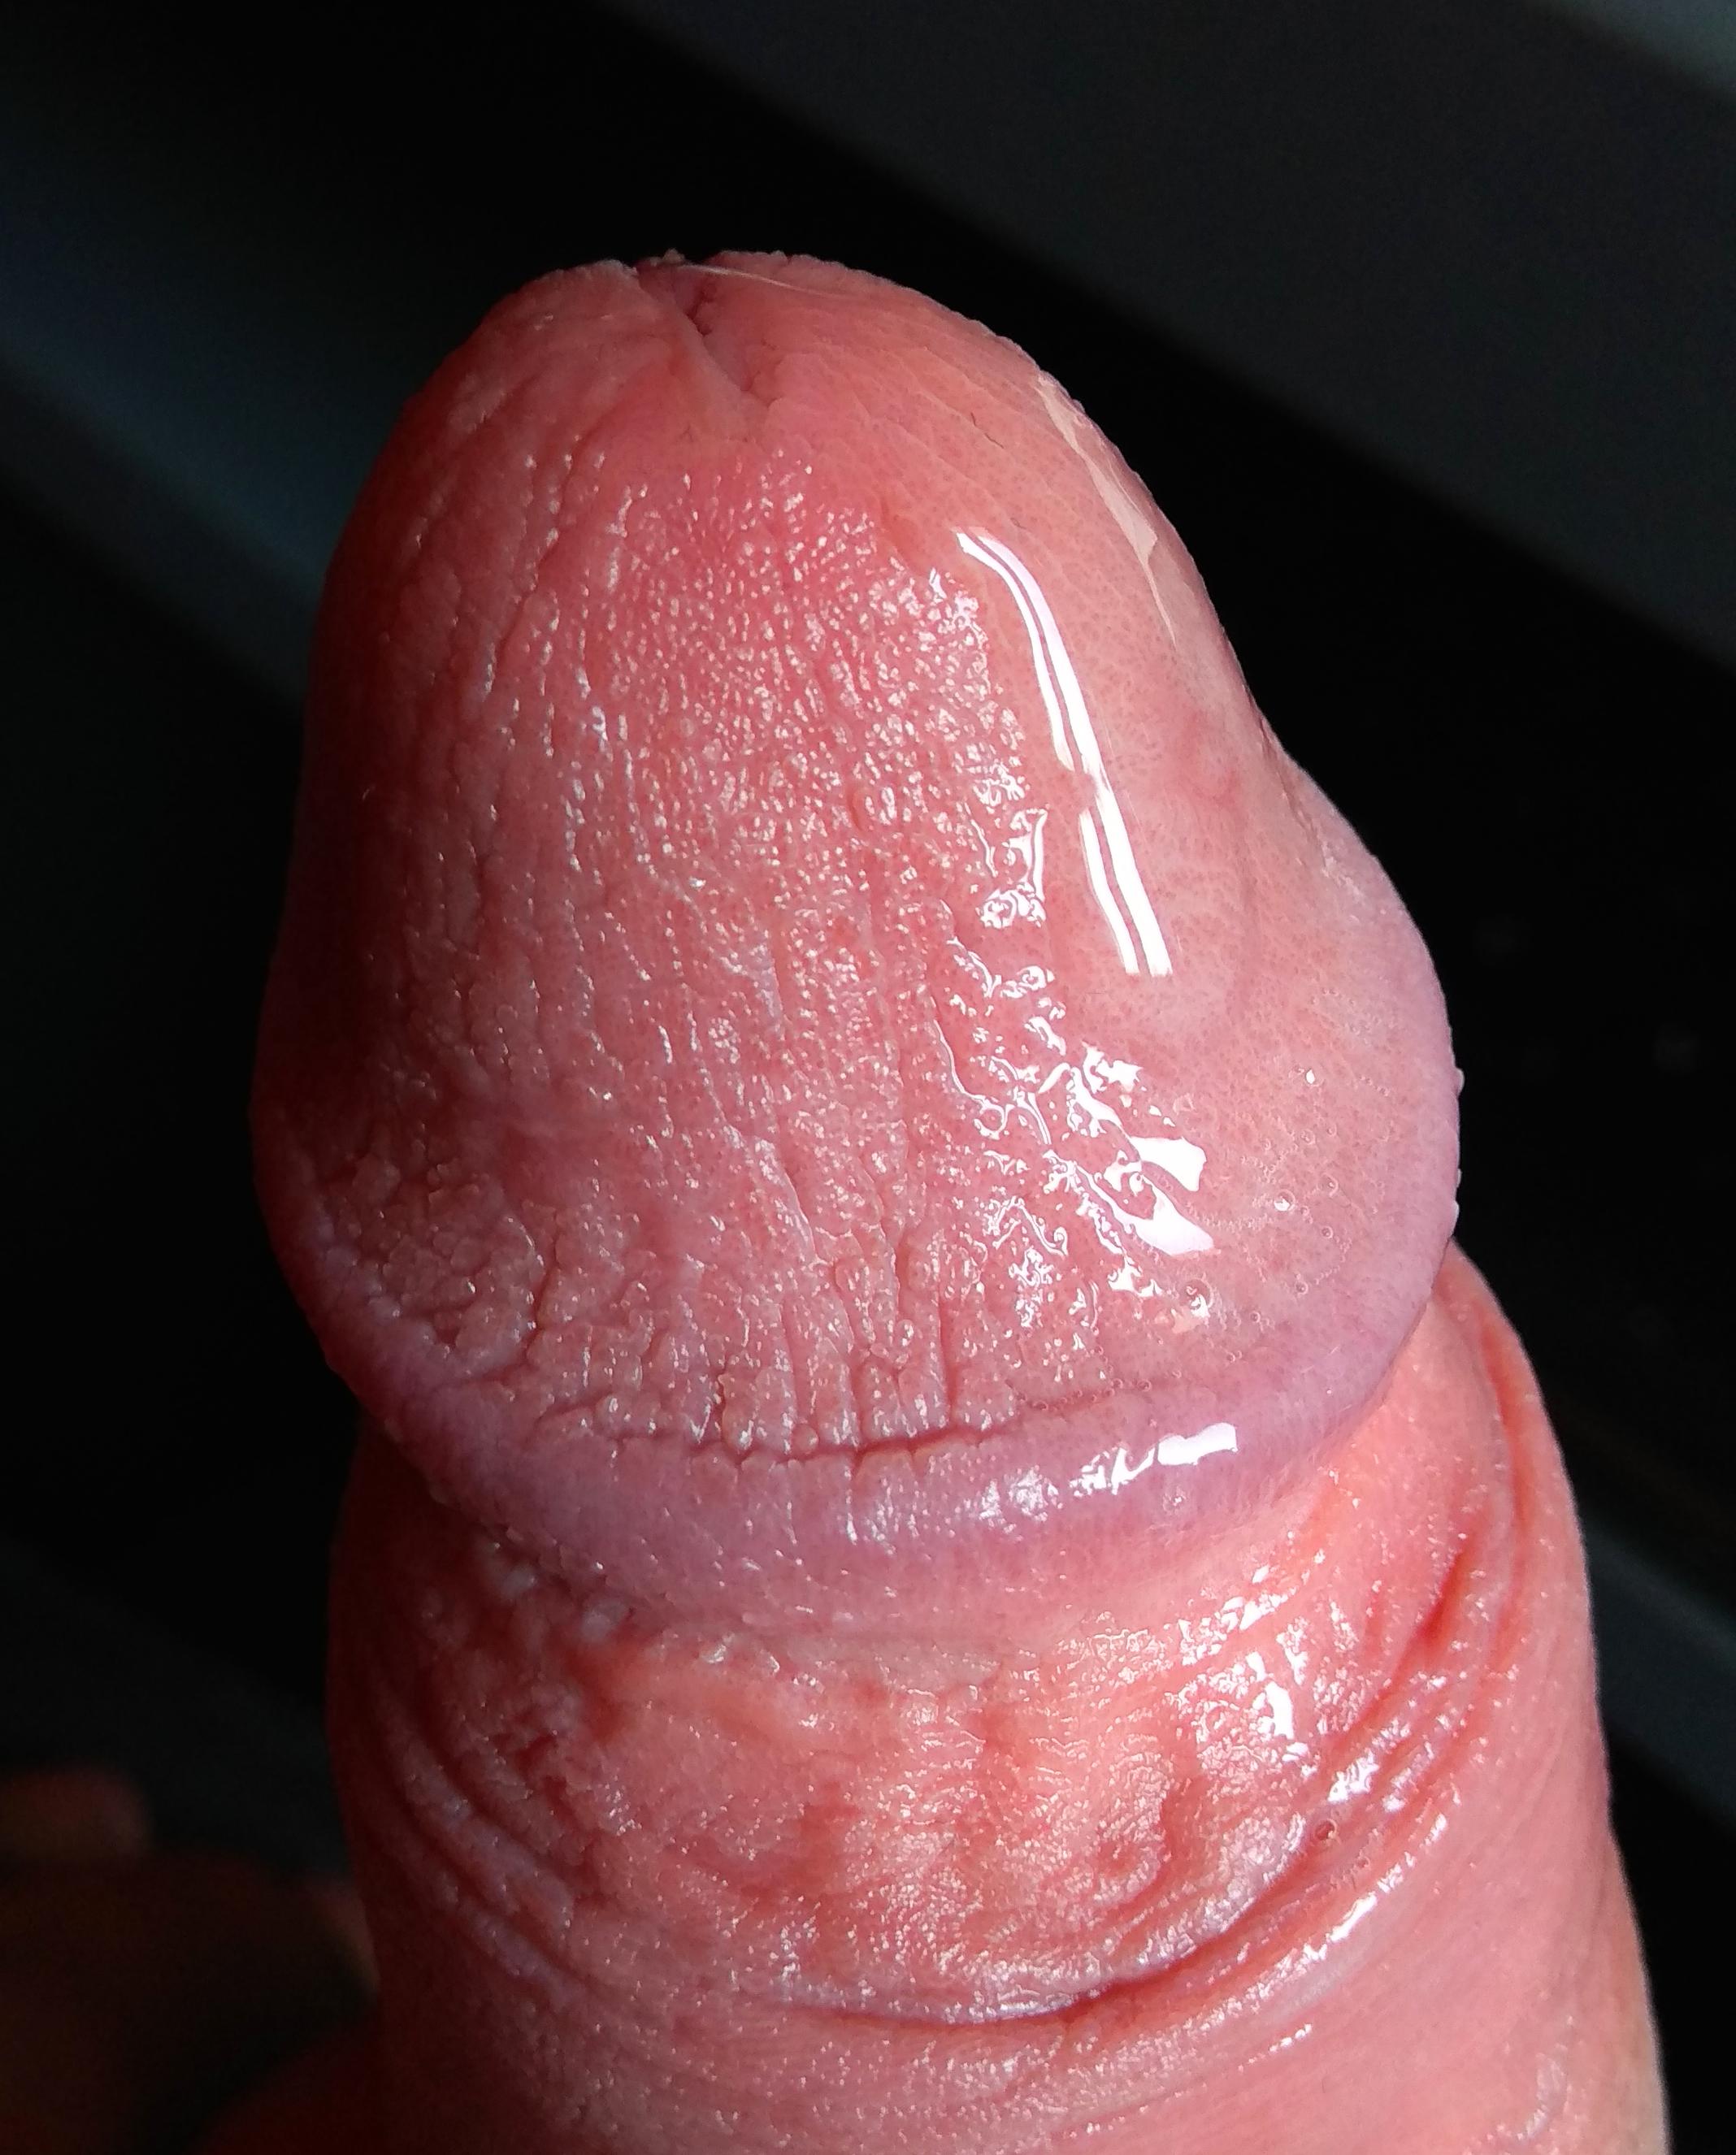 mi lehet a pénisz görbületének oka